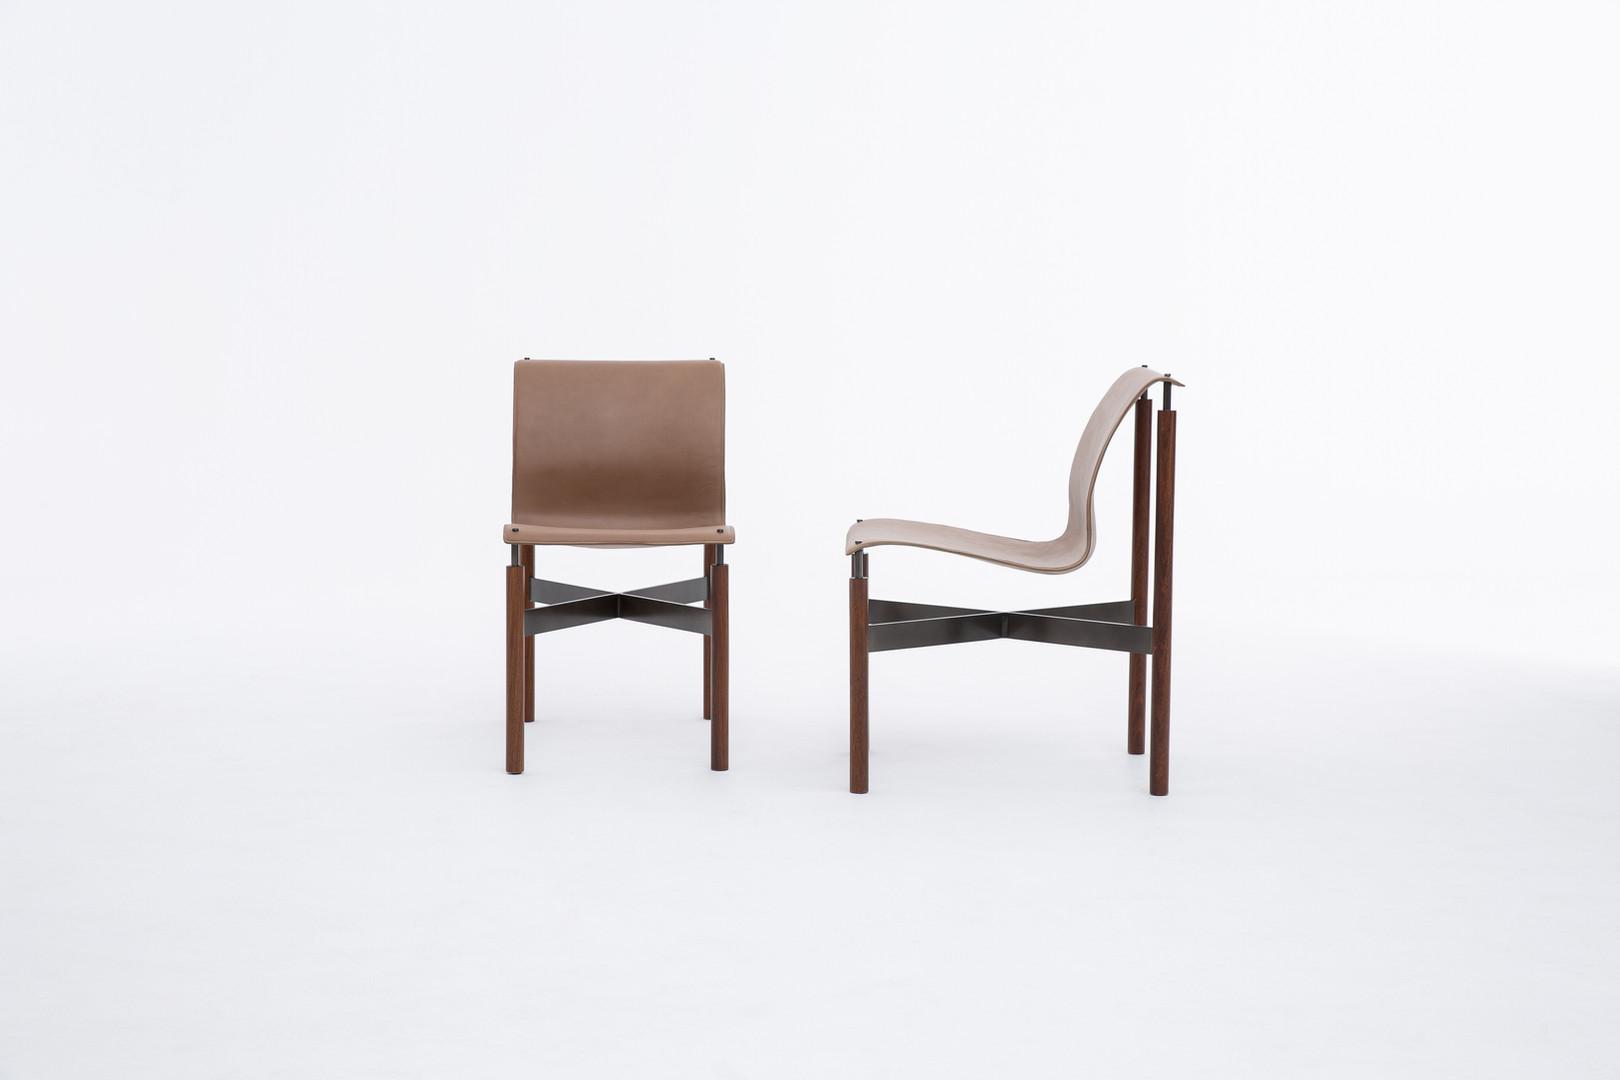 cadeira max dupla still.jpg